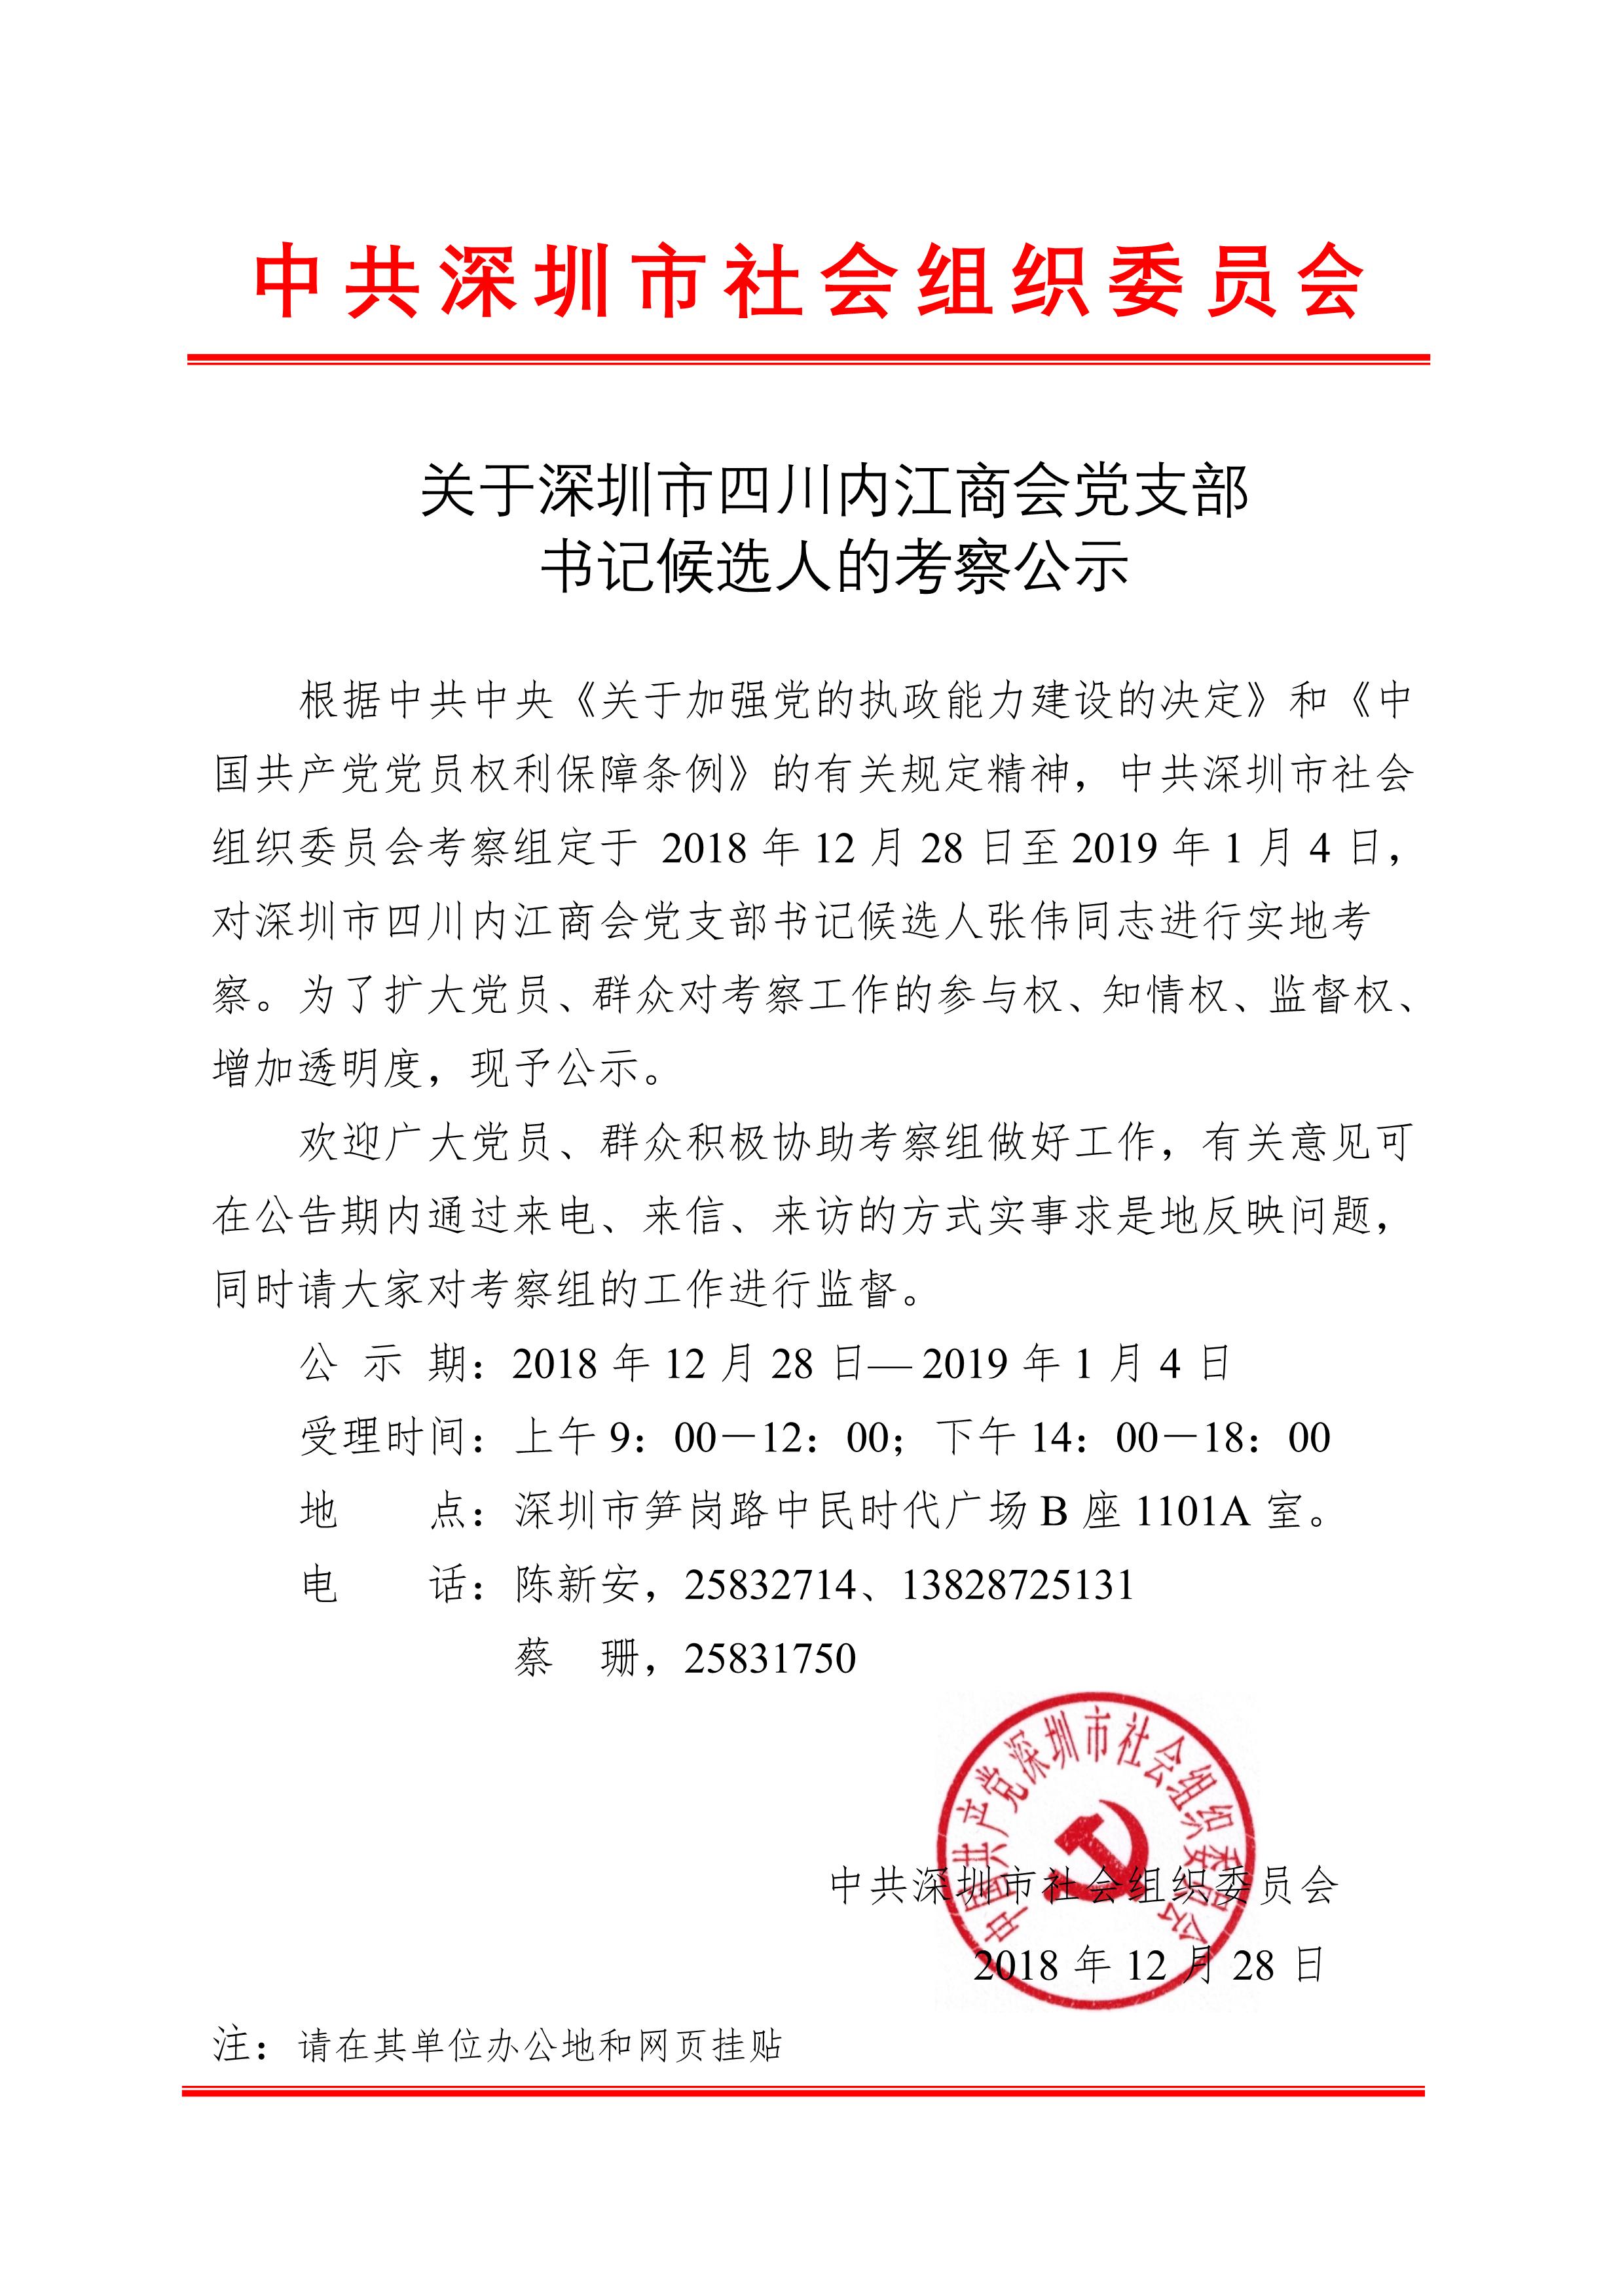 关于深圳市四川内江商会党支部书记候选人的考察公示